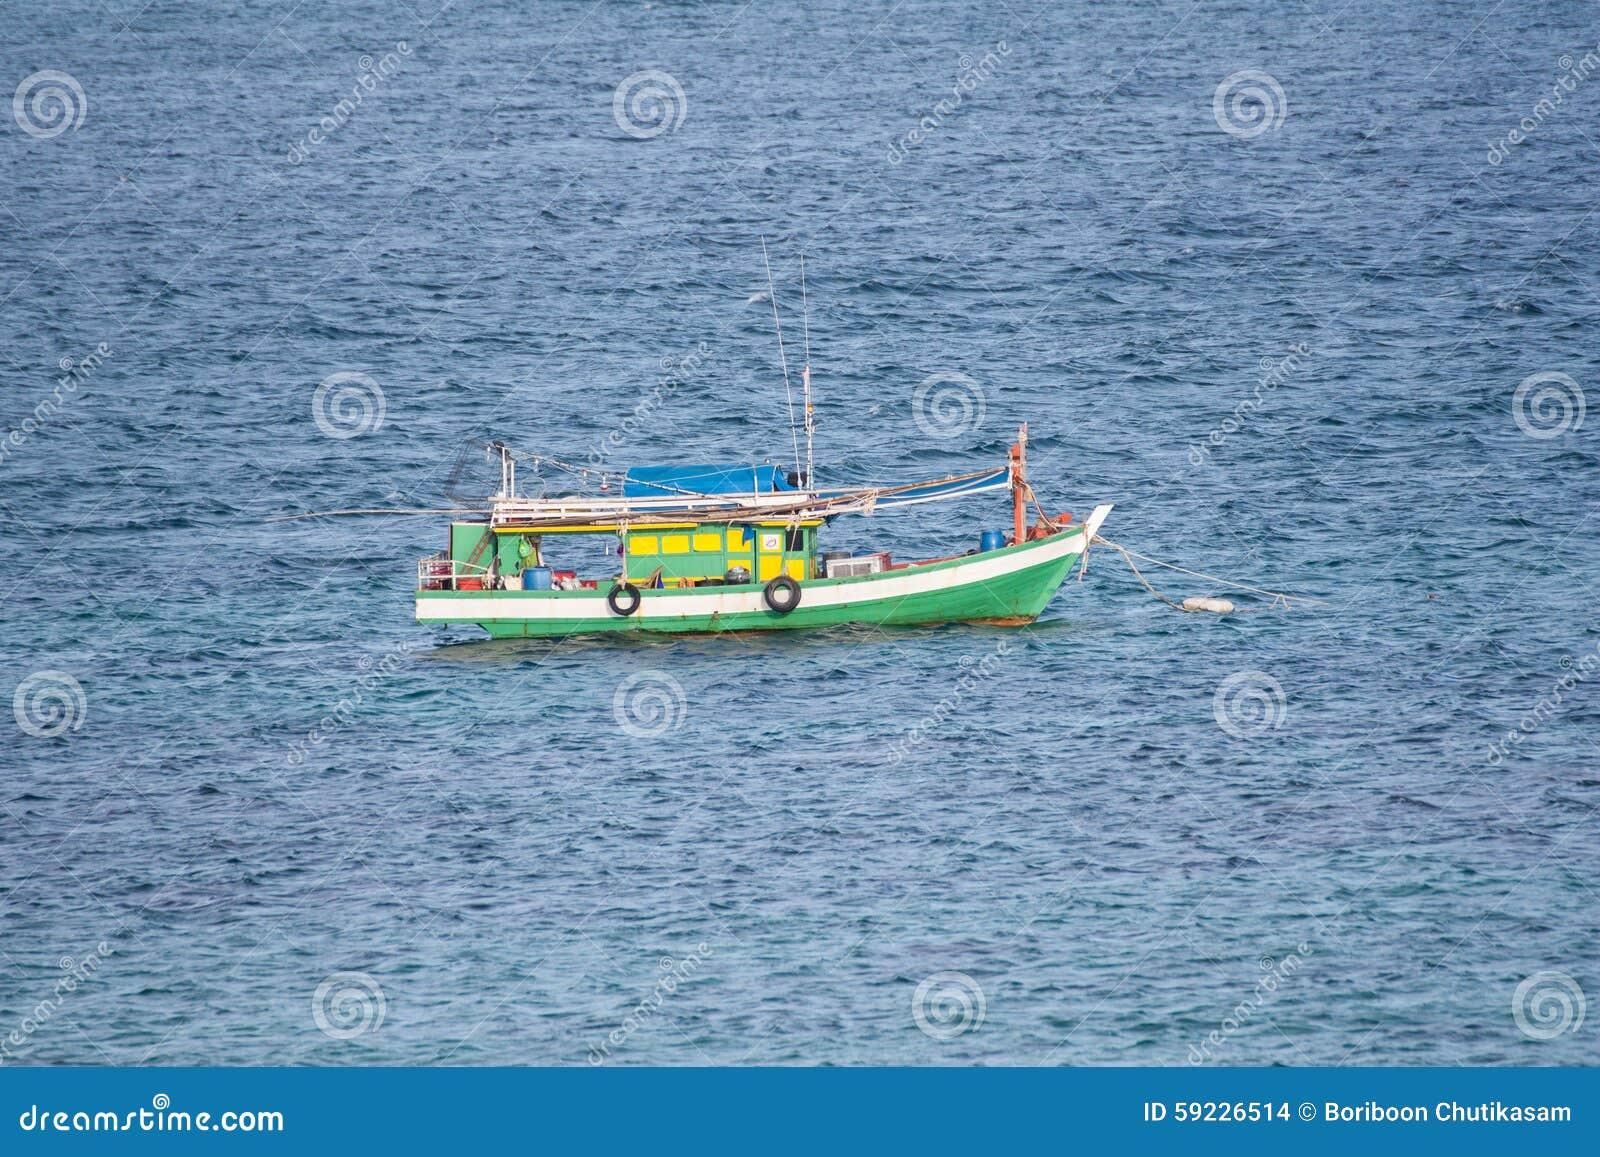 Download Barco de pesca foto de archivo. Imagen de agua, recipiente - 59226514